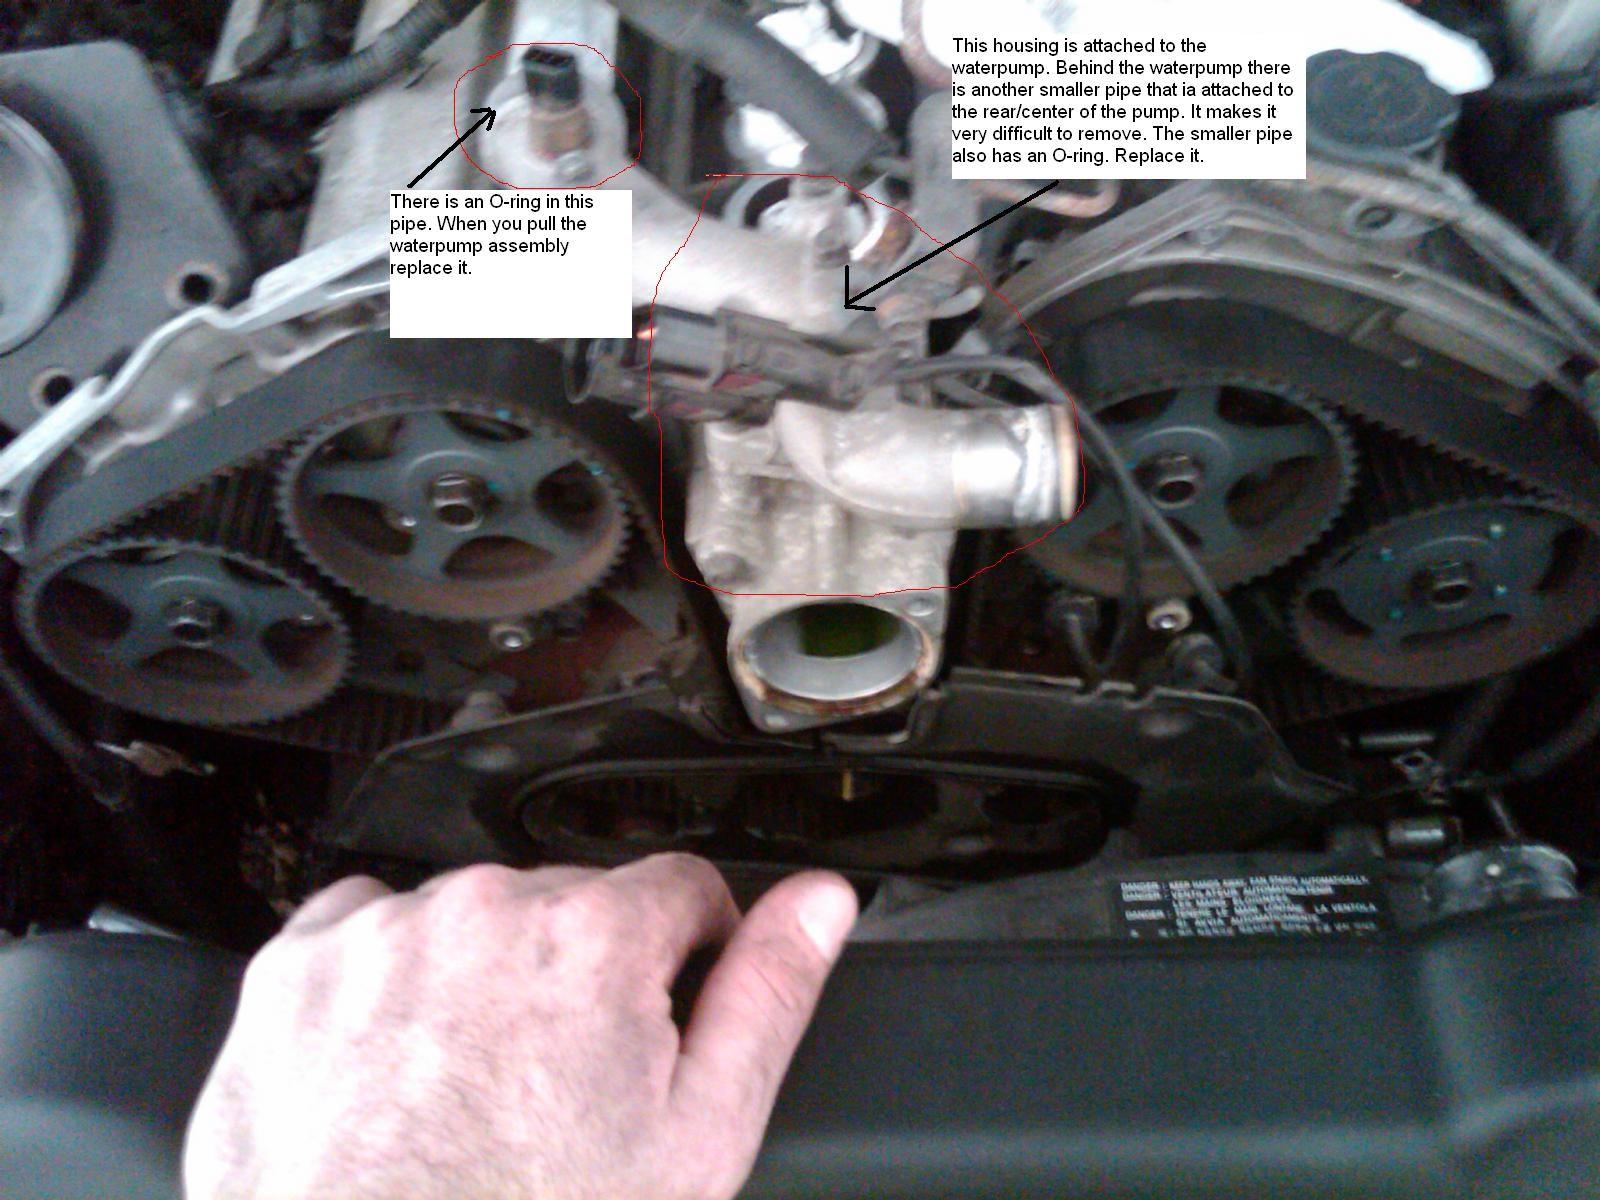 2004 Kia sorento Engine Diagram Coolant Leak Rear Engine Kia forum Of 2004 Kia sorento Engine Diagram